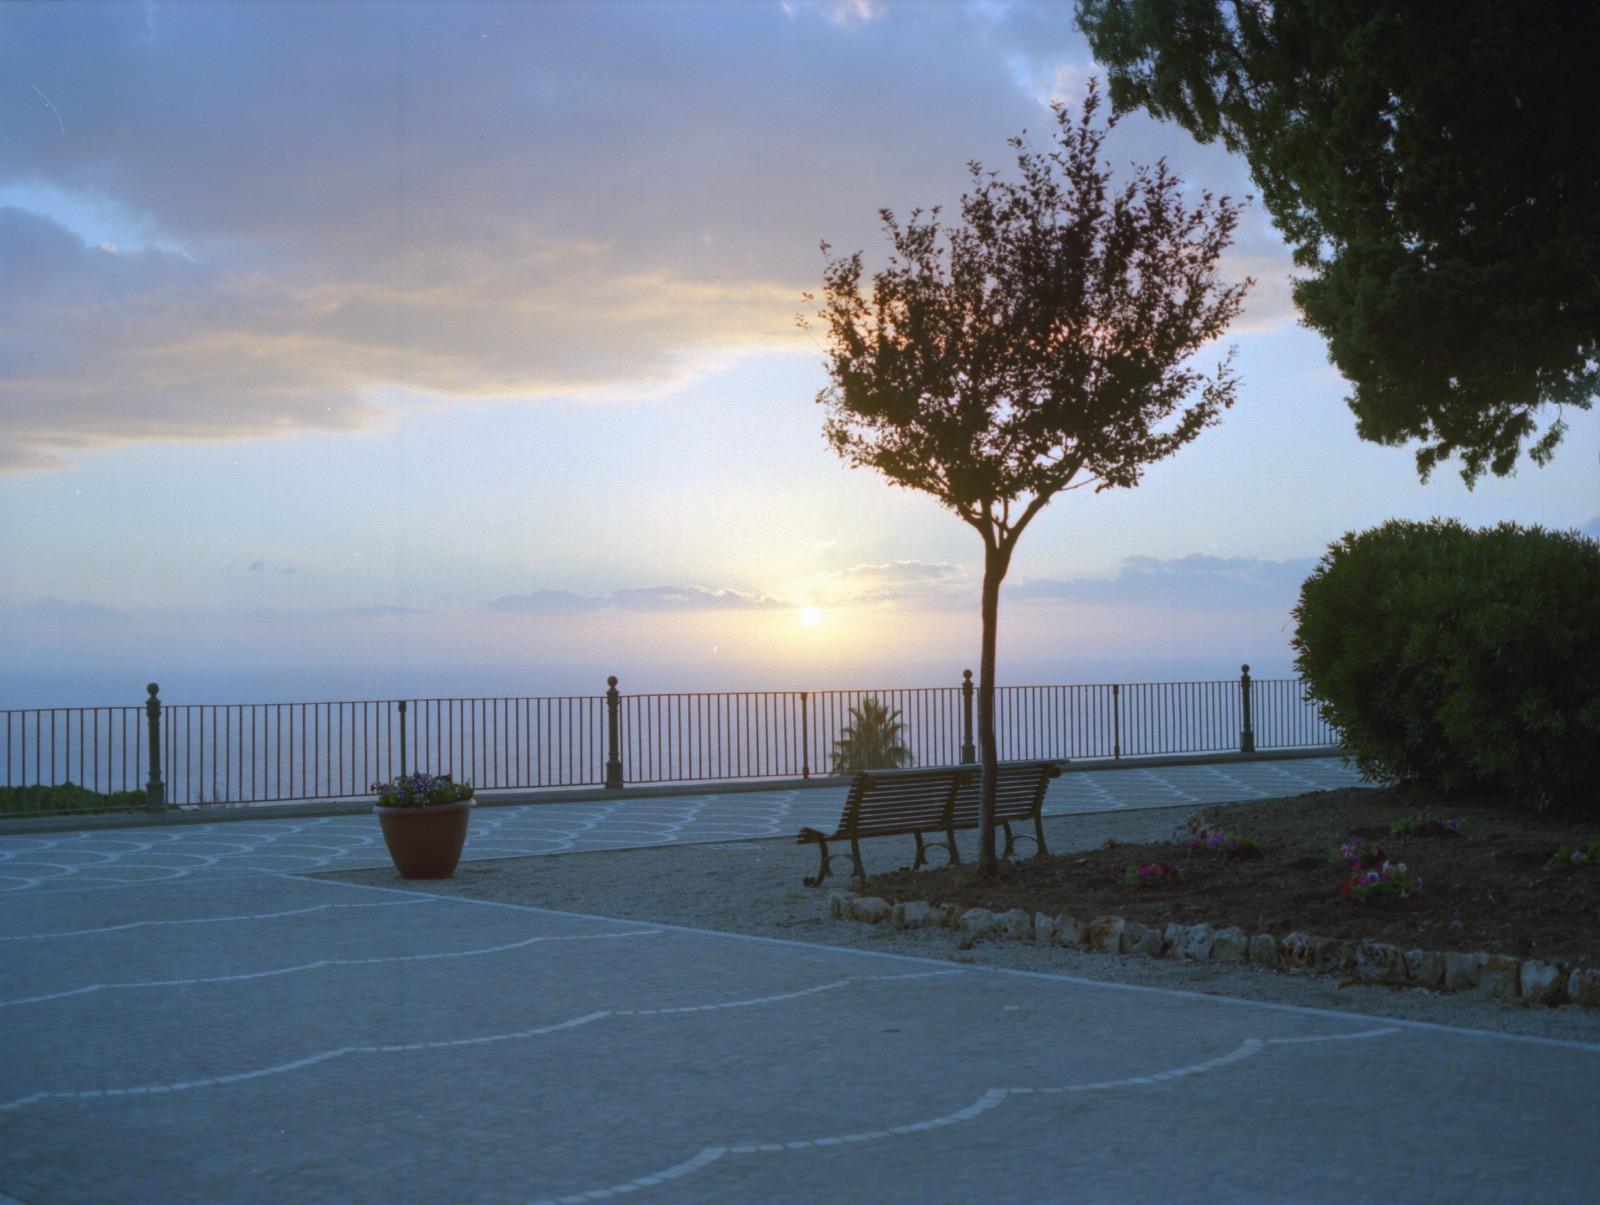 CENAINVILLA con i ristoratori del Buon Ricordo a Palmi (Reggio Calabria)